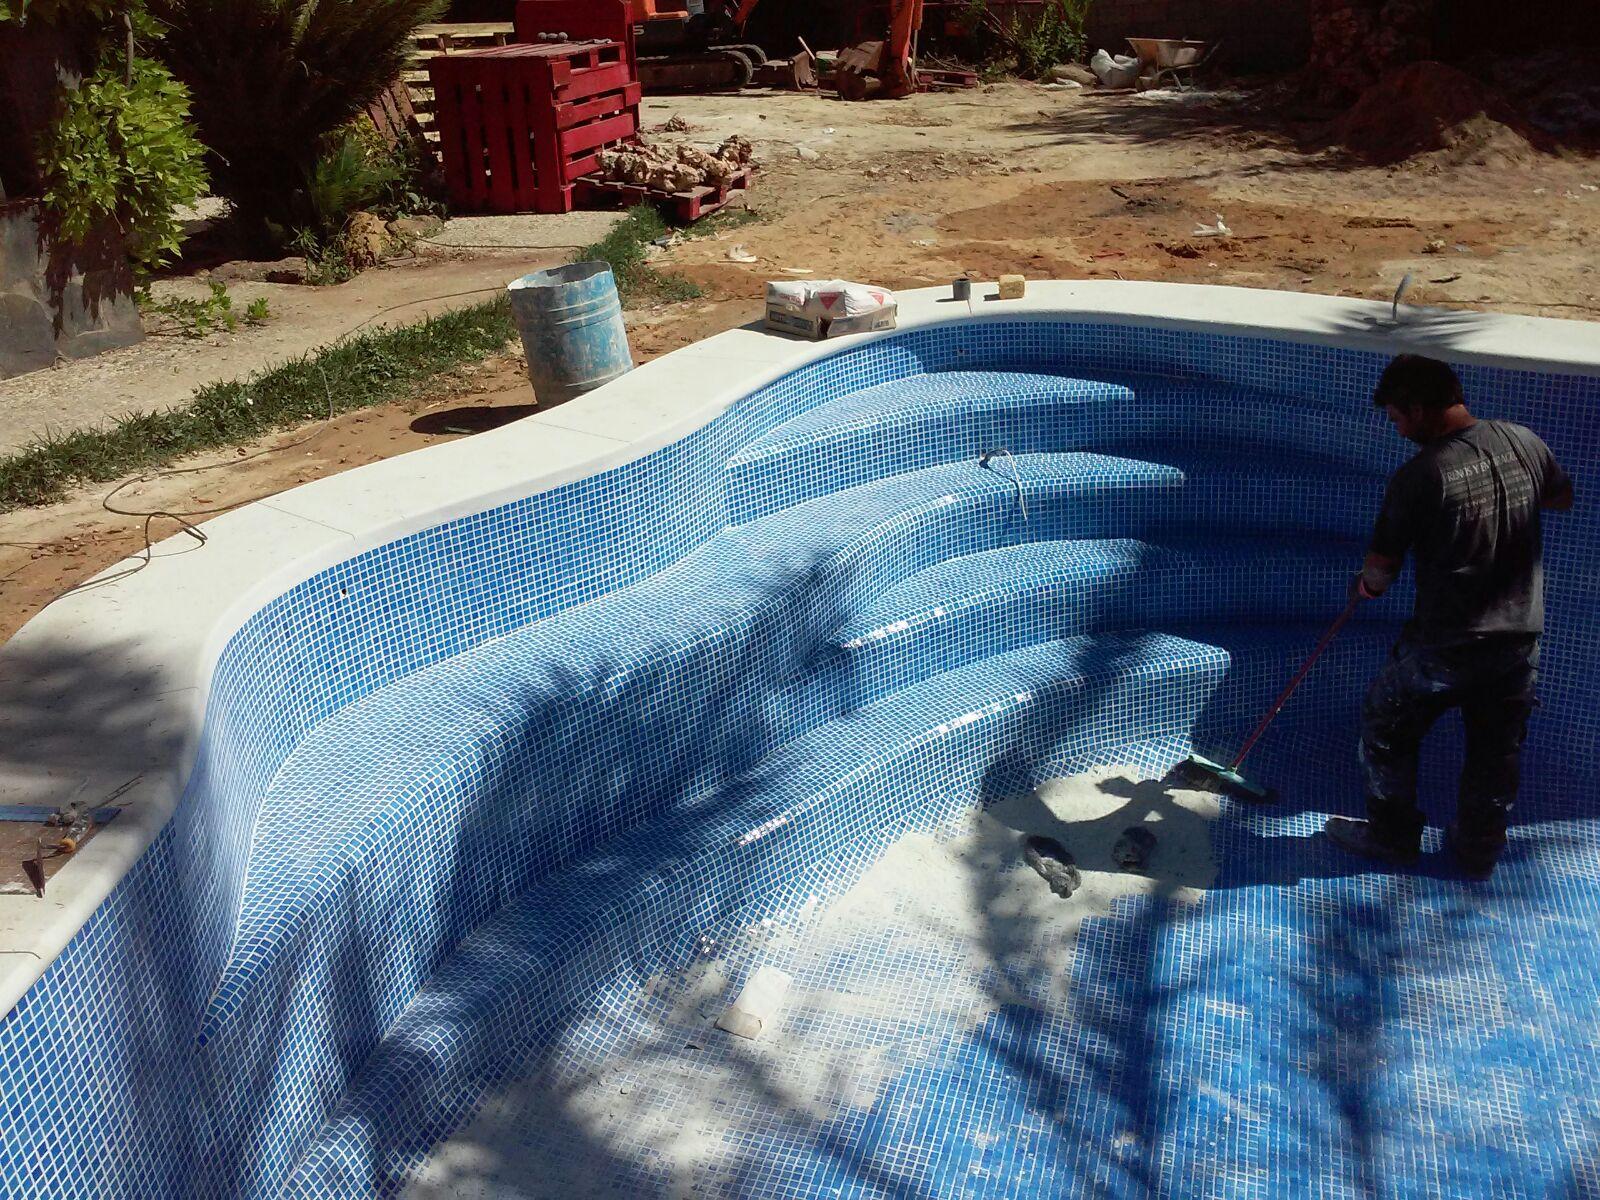 Imagenes whatsapp 709 construcci n de piscinas - Barrefondos para piscinas ...